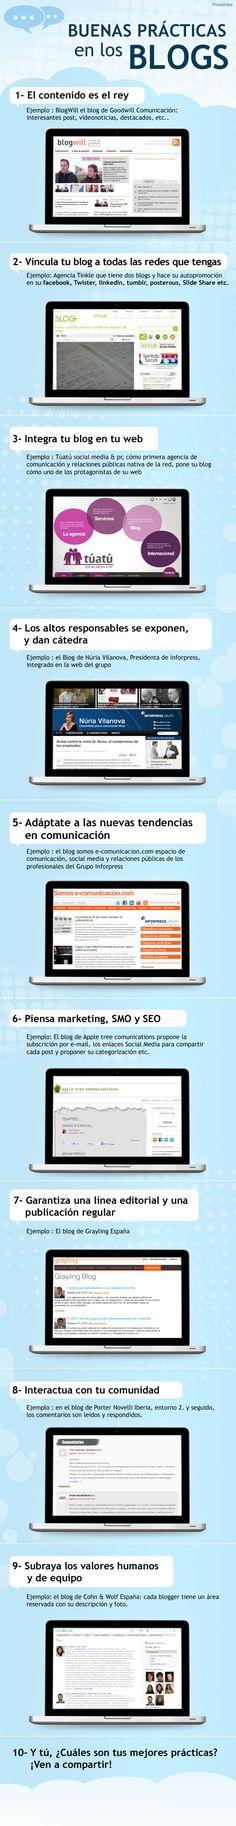 9 buenas prácticas para tu blog que debes saber. Infografía en español.